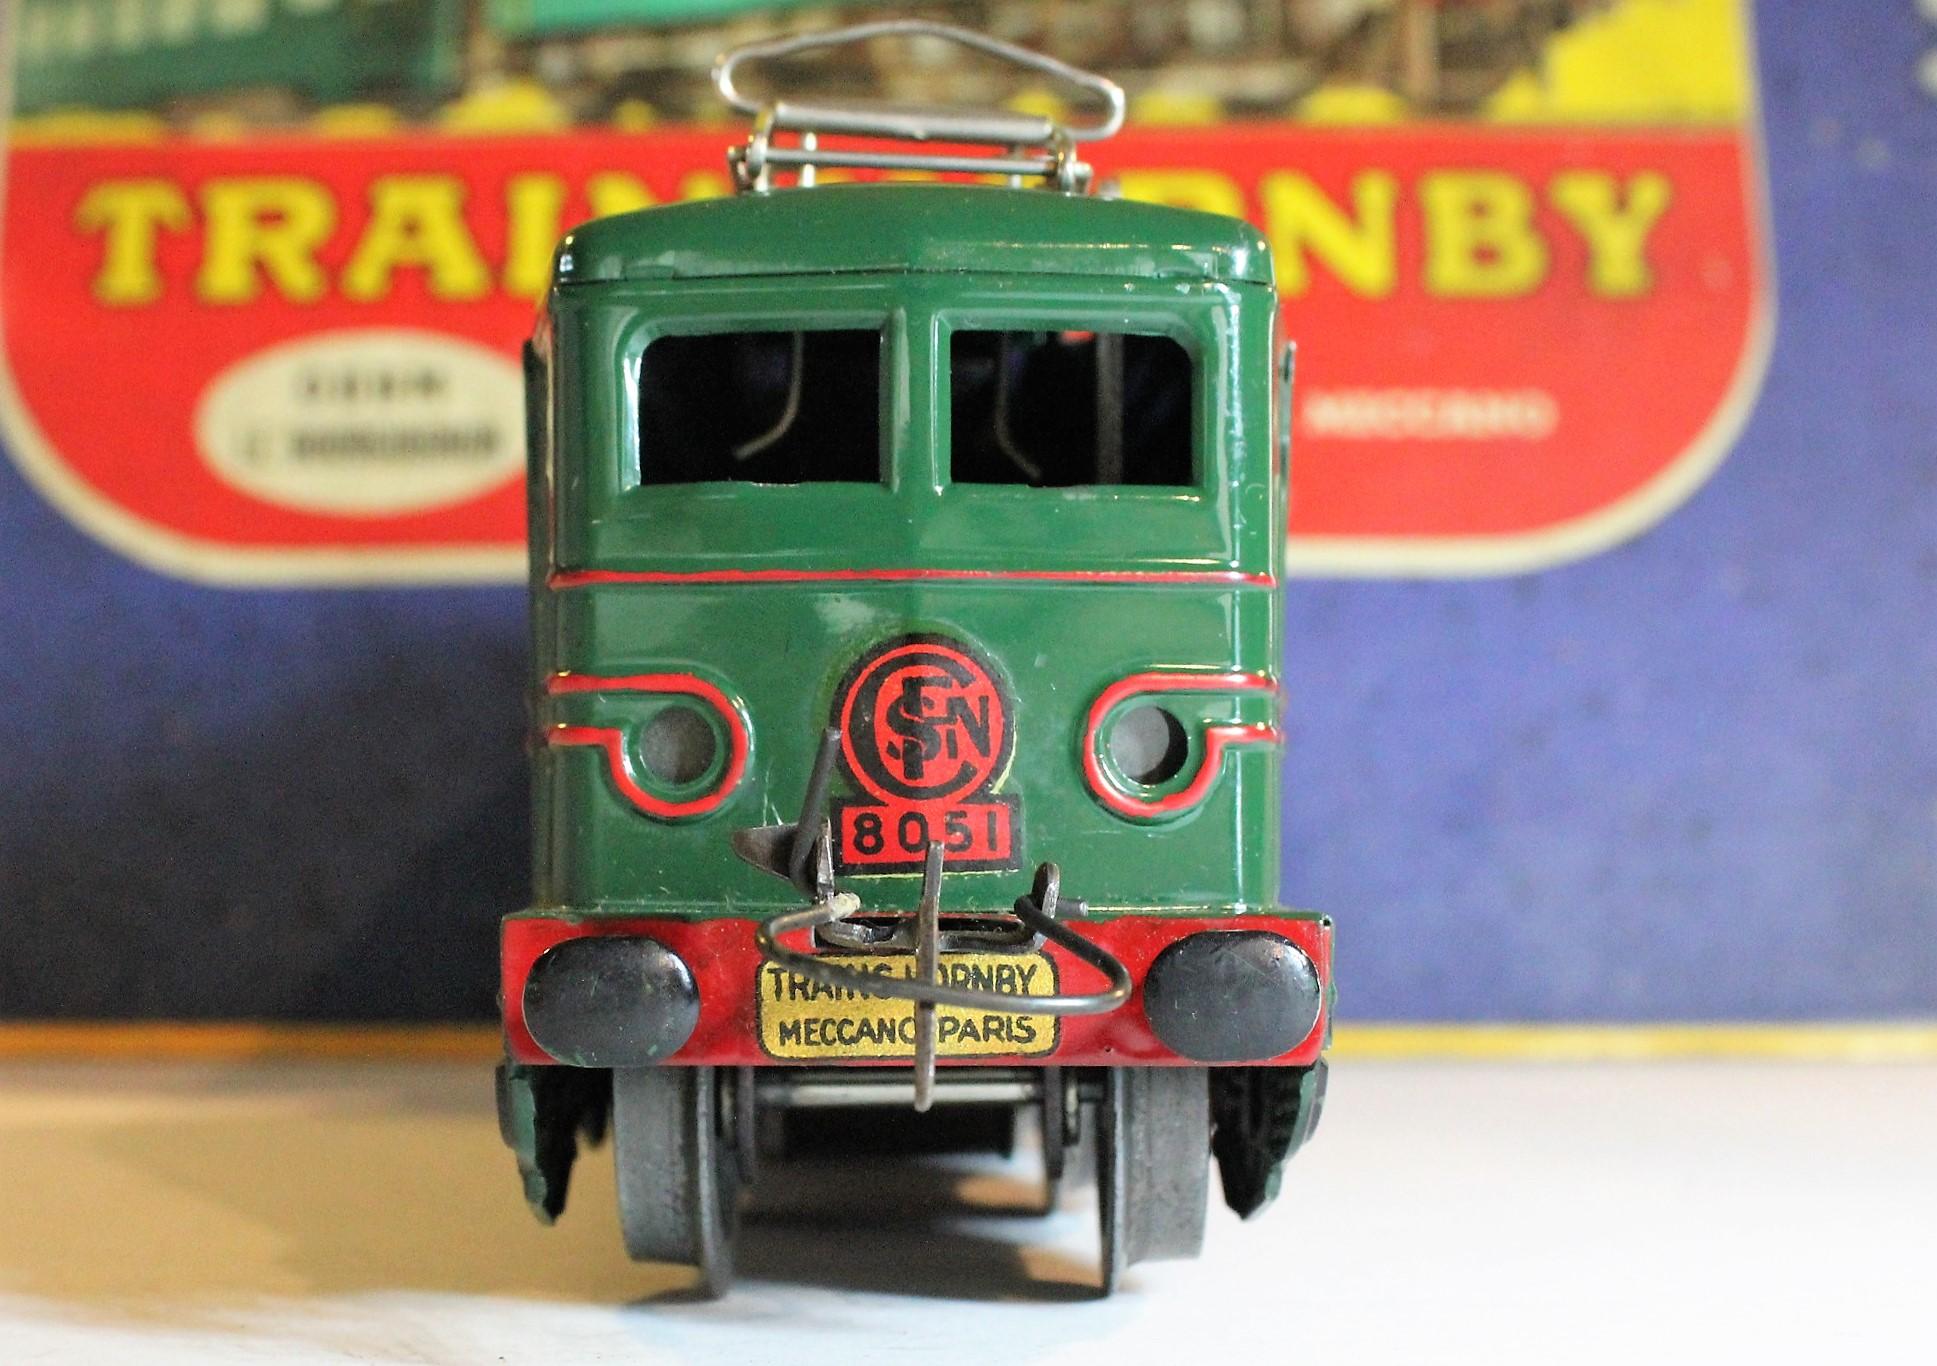 French Hornby OBB Locomotive